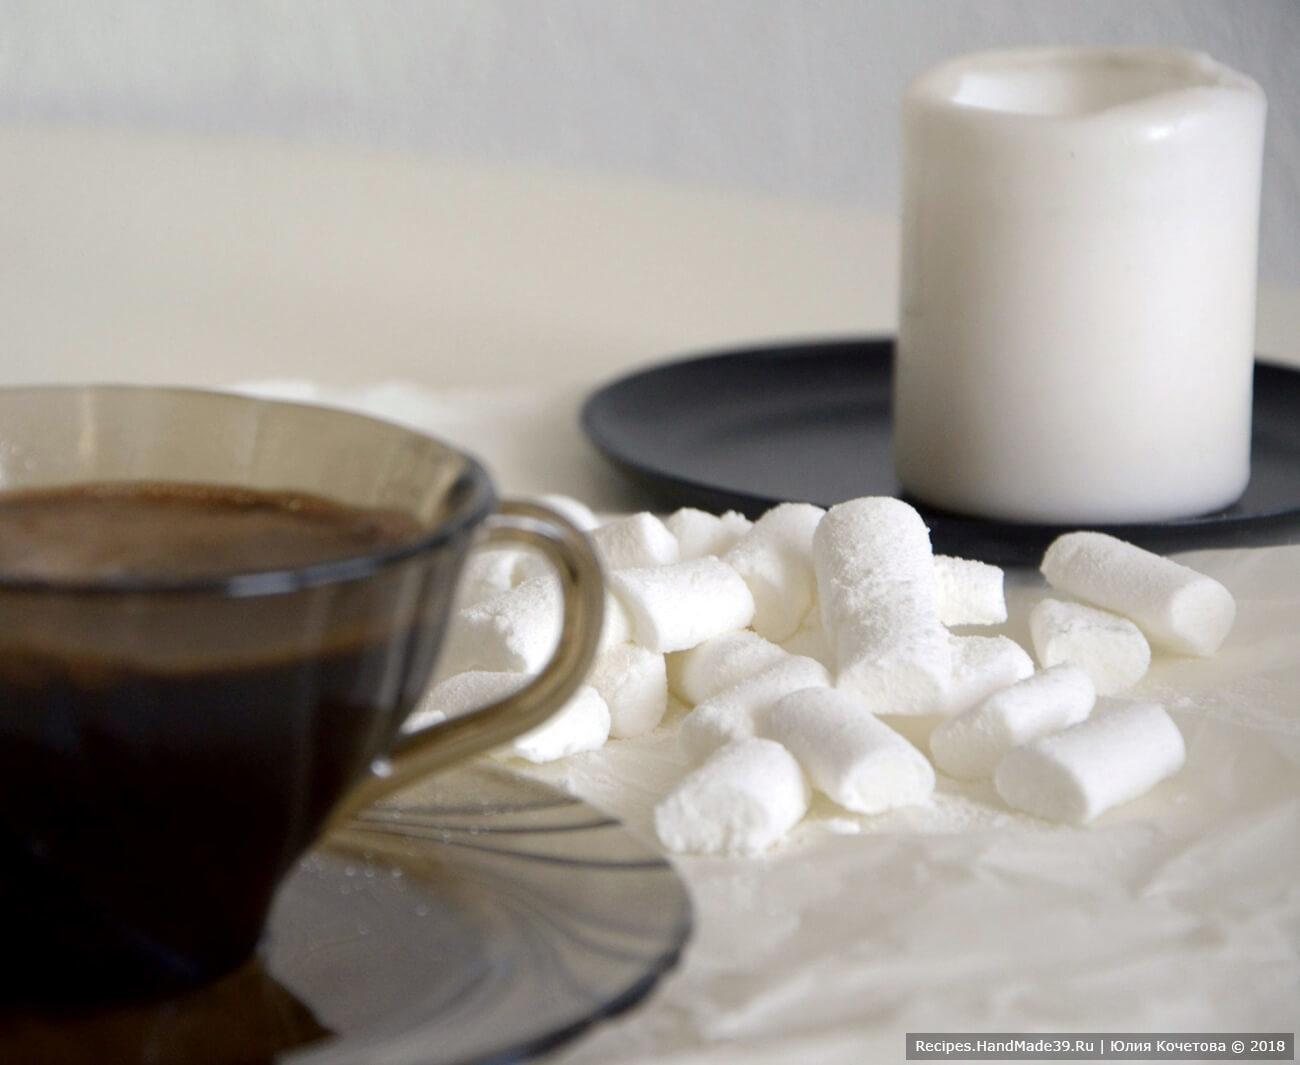 Ванильный маршмеллоу к кофе